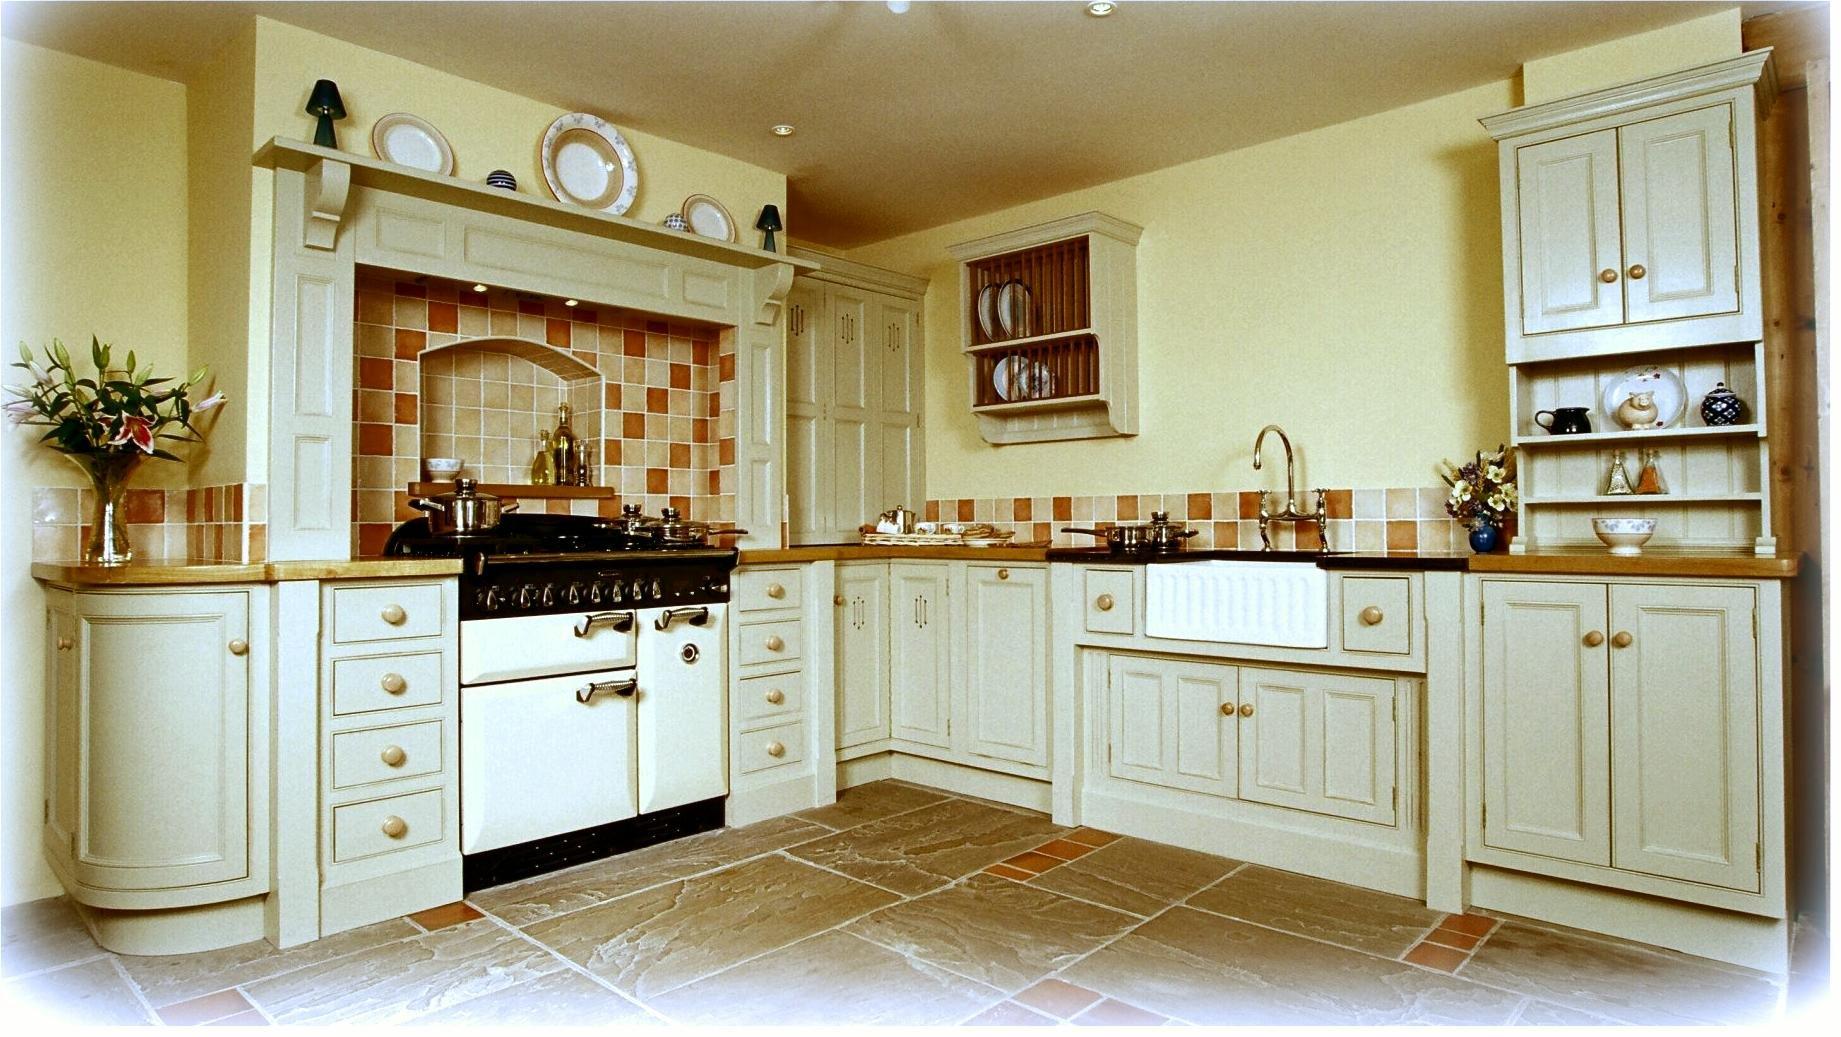 Shelf for kitchen Photo - 7